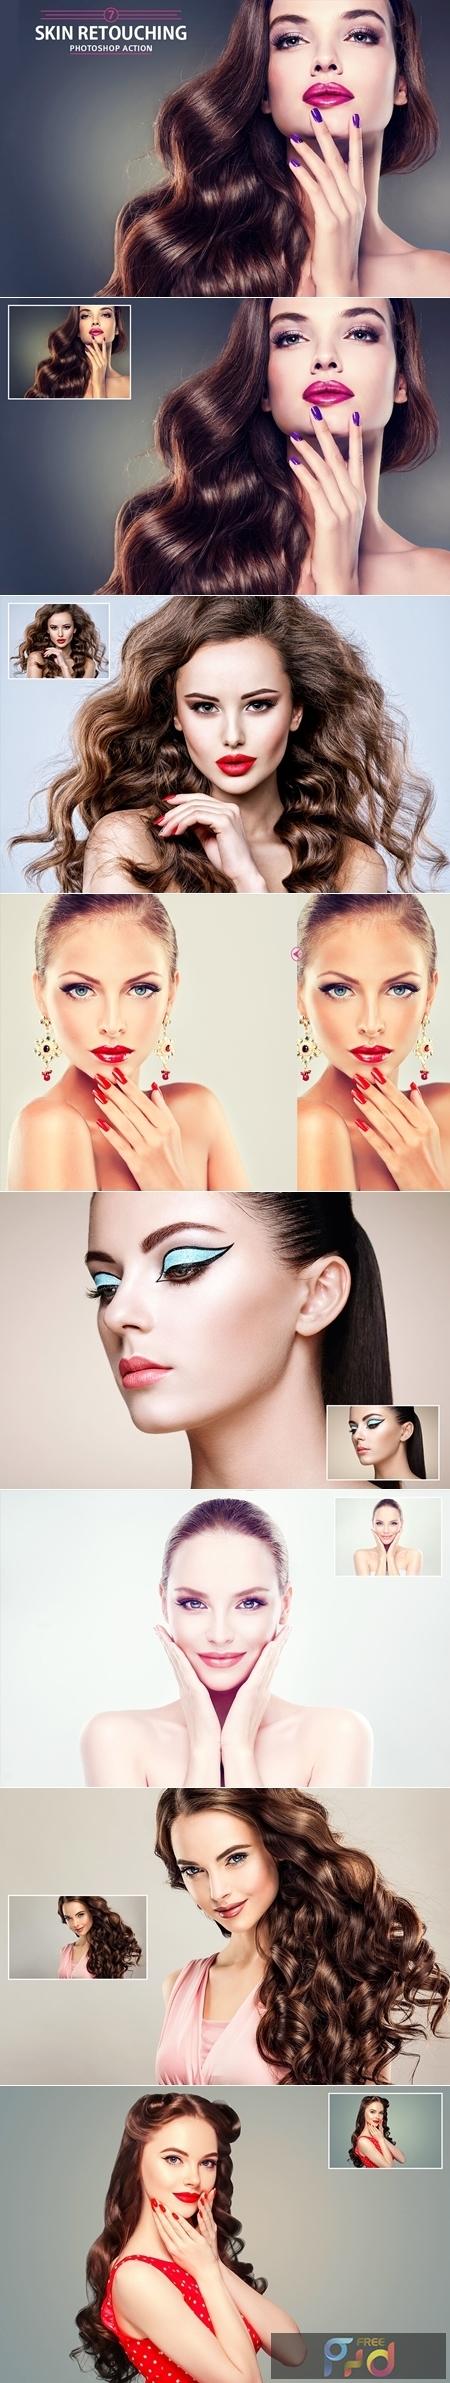 7 Skin Retouching Photoshop Action 1